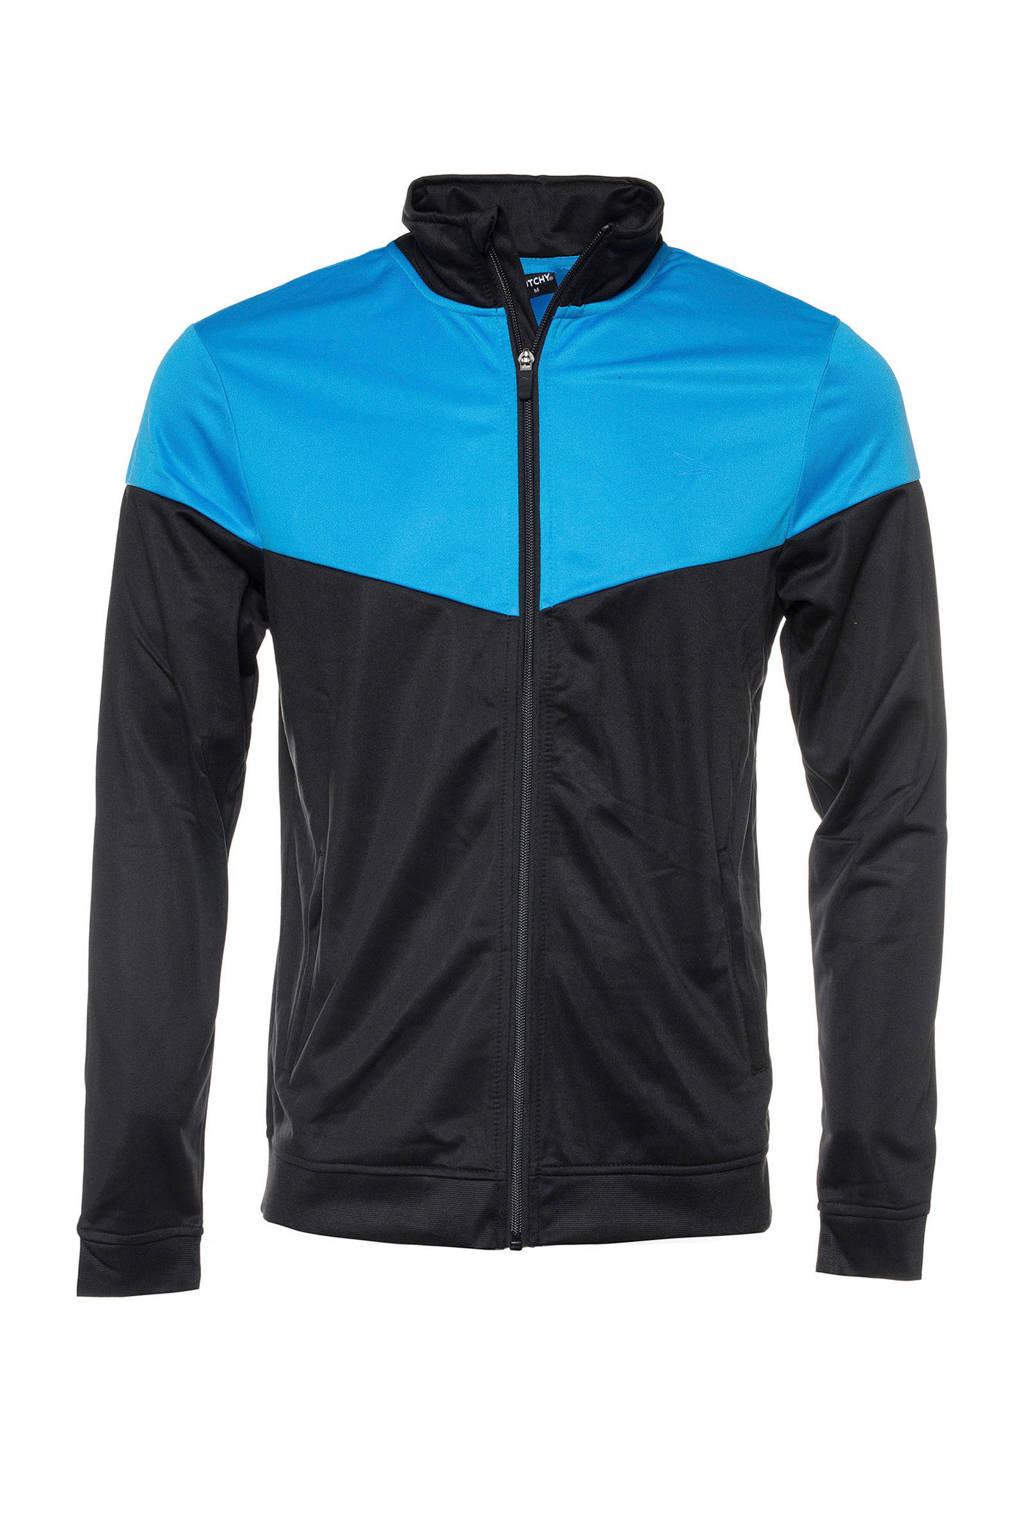 Scapino Dutchy   sportvest zwart/blauw, Zwart/blauw